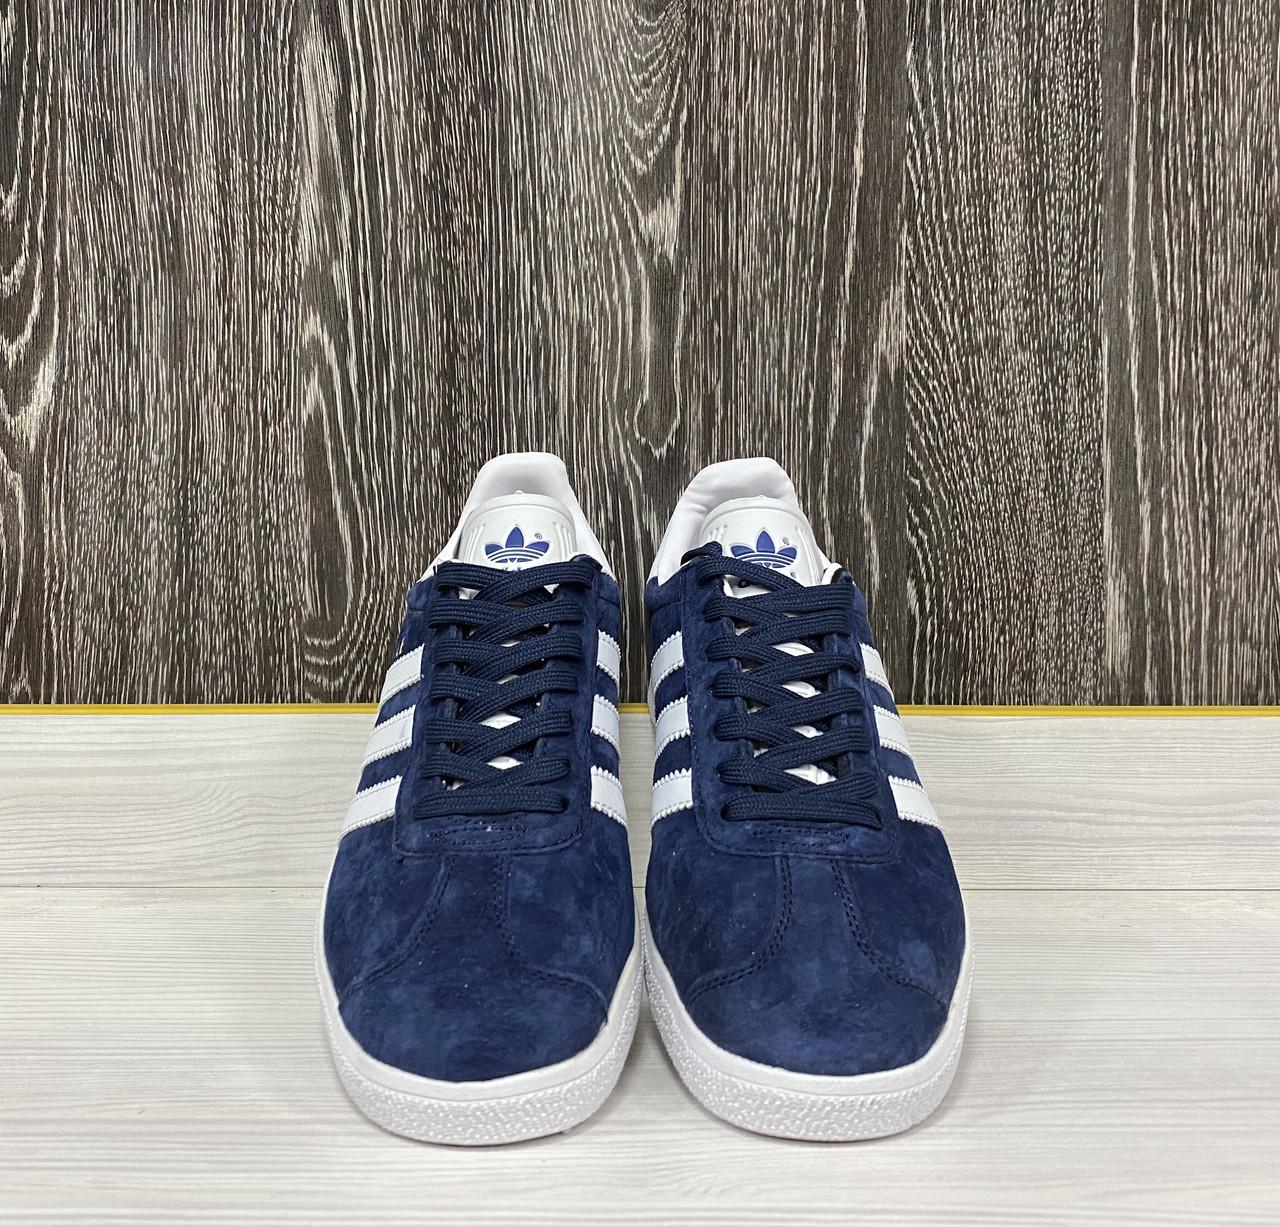 Кроссовки Adidas Gazelle(Dark Blue) - фото 4